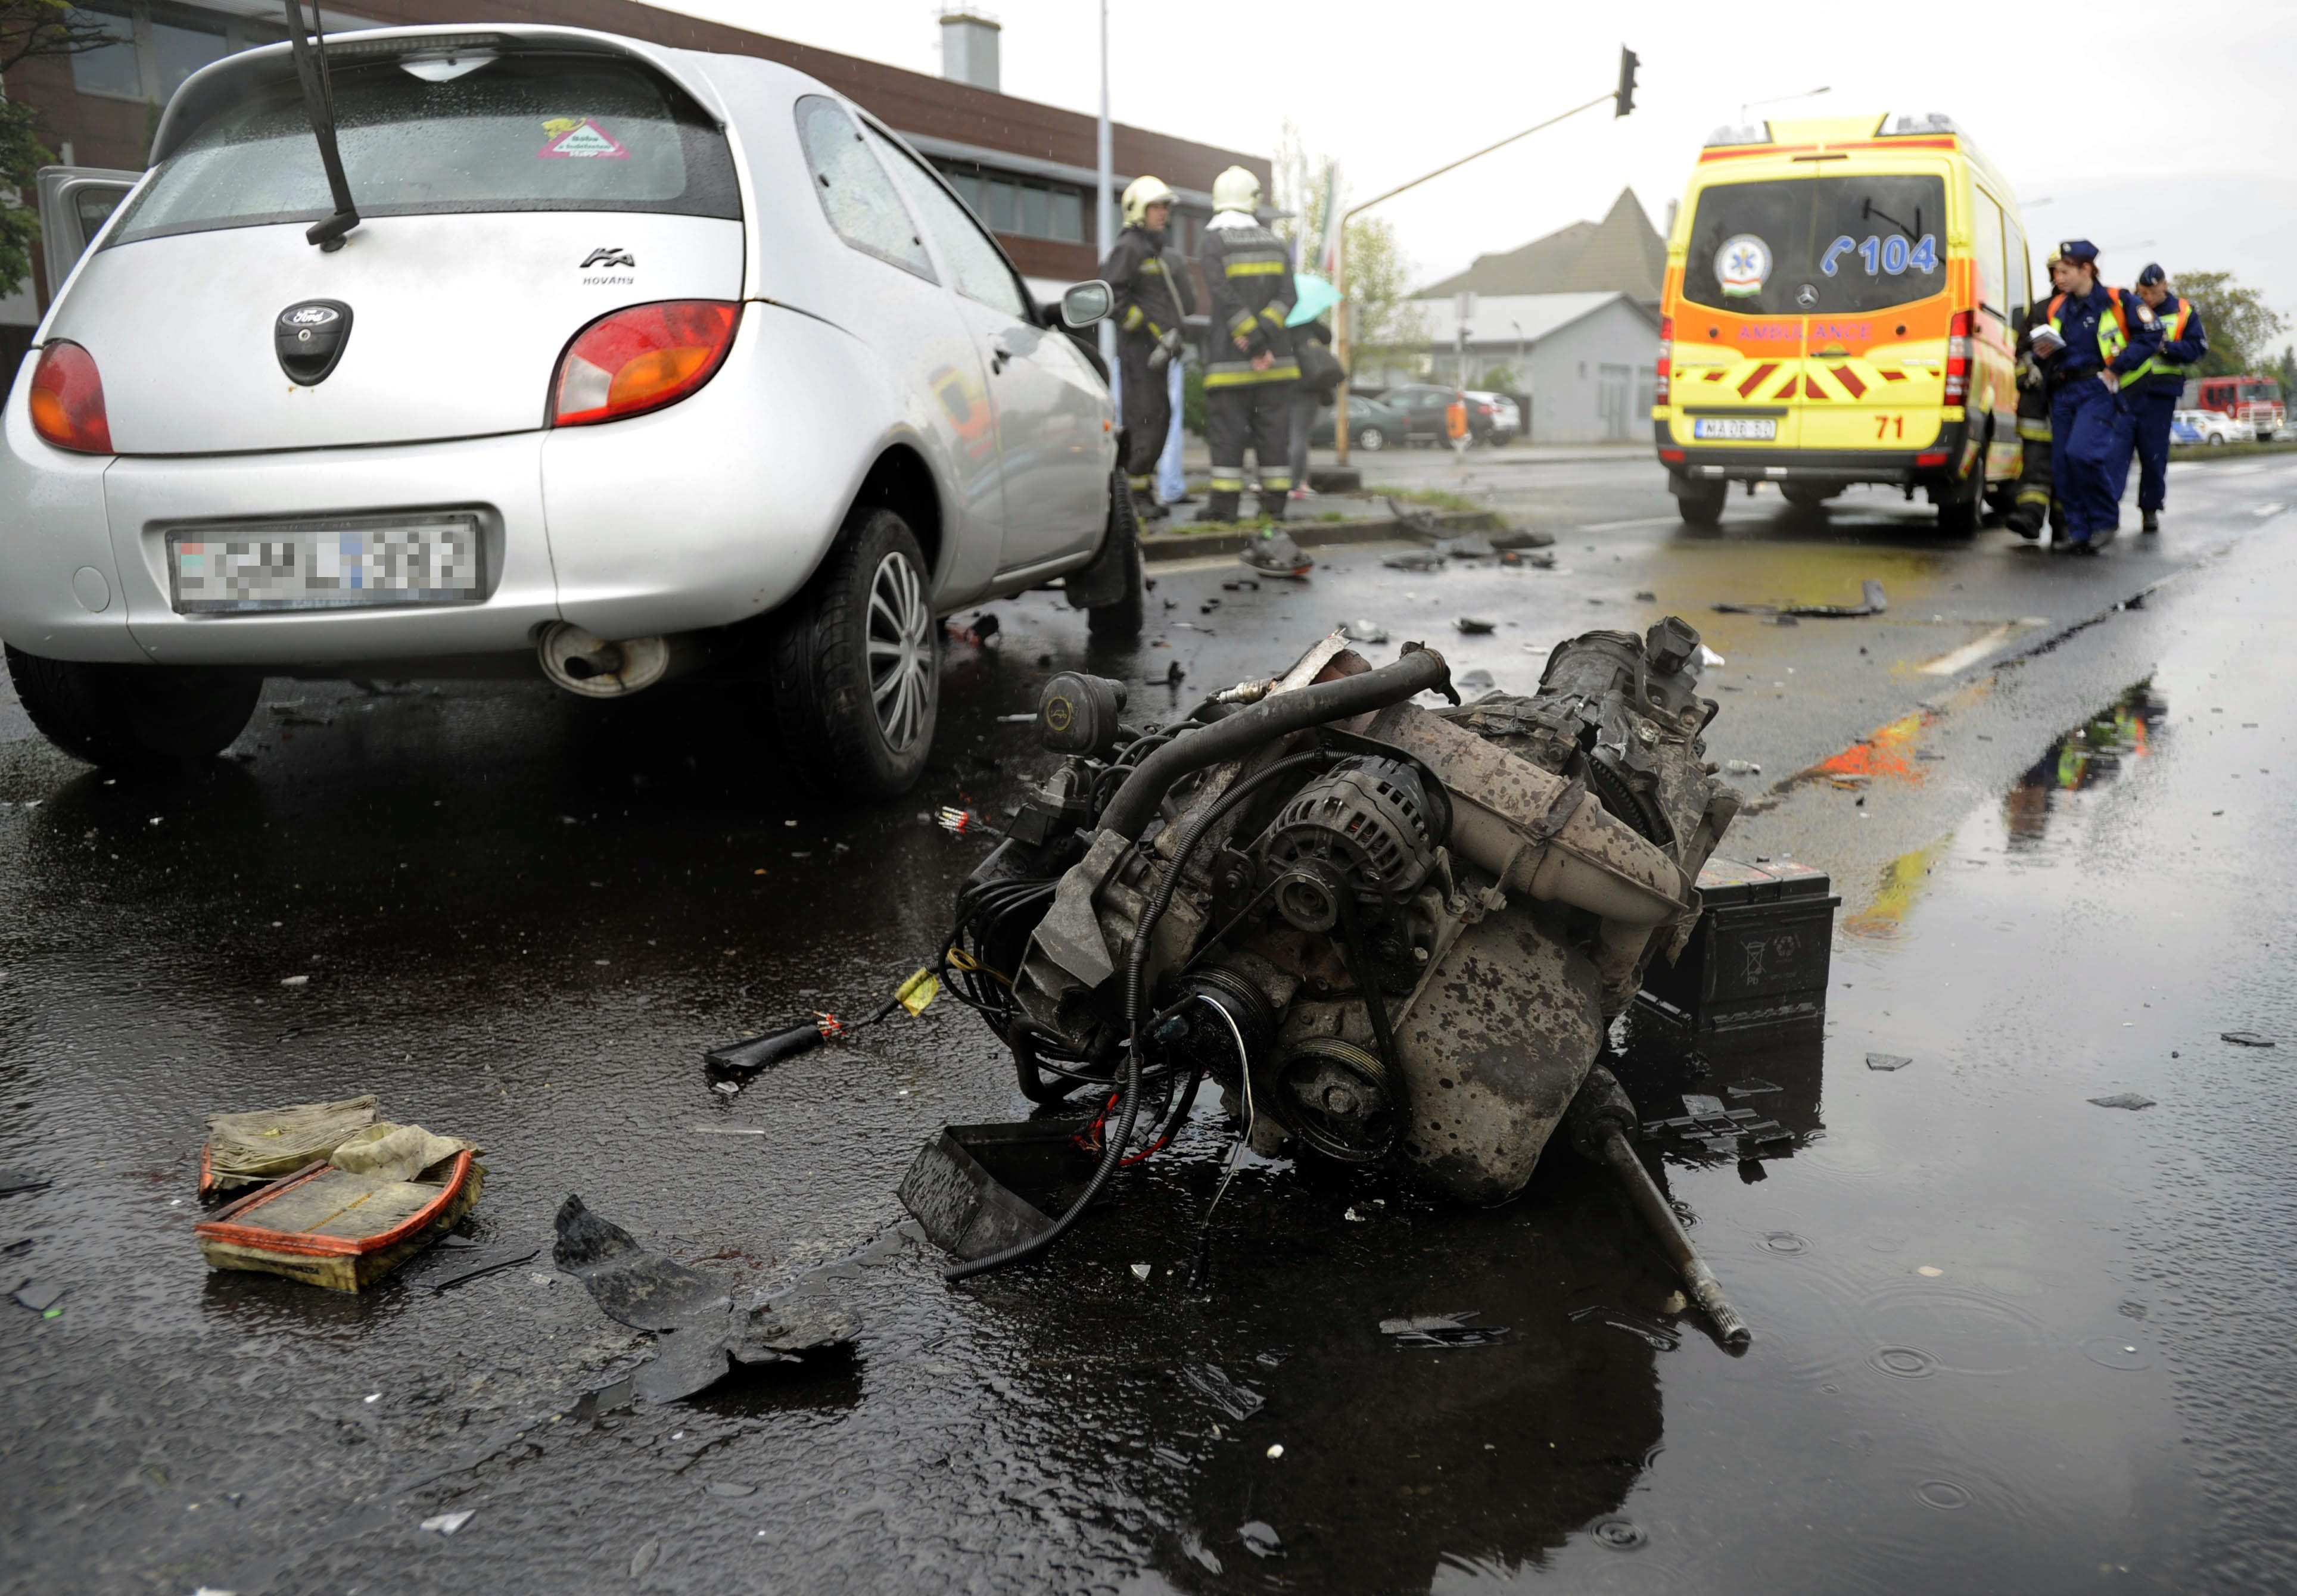 Budapest, 2016. április 27. Összetört személygépkocsi 2016. április 27-én a XXIII. kerületi Grassalkovich úton, ahol két személygépkocsi ütközött. A balesetben személyi sérülés nem történt; az egyik autónak kiszakadt a motorja. MTI Fotó: Mihádák Zoltán